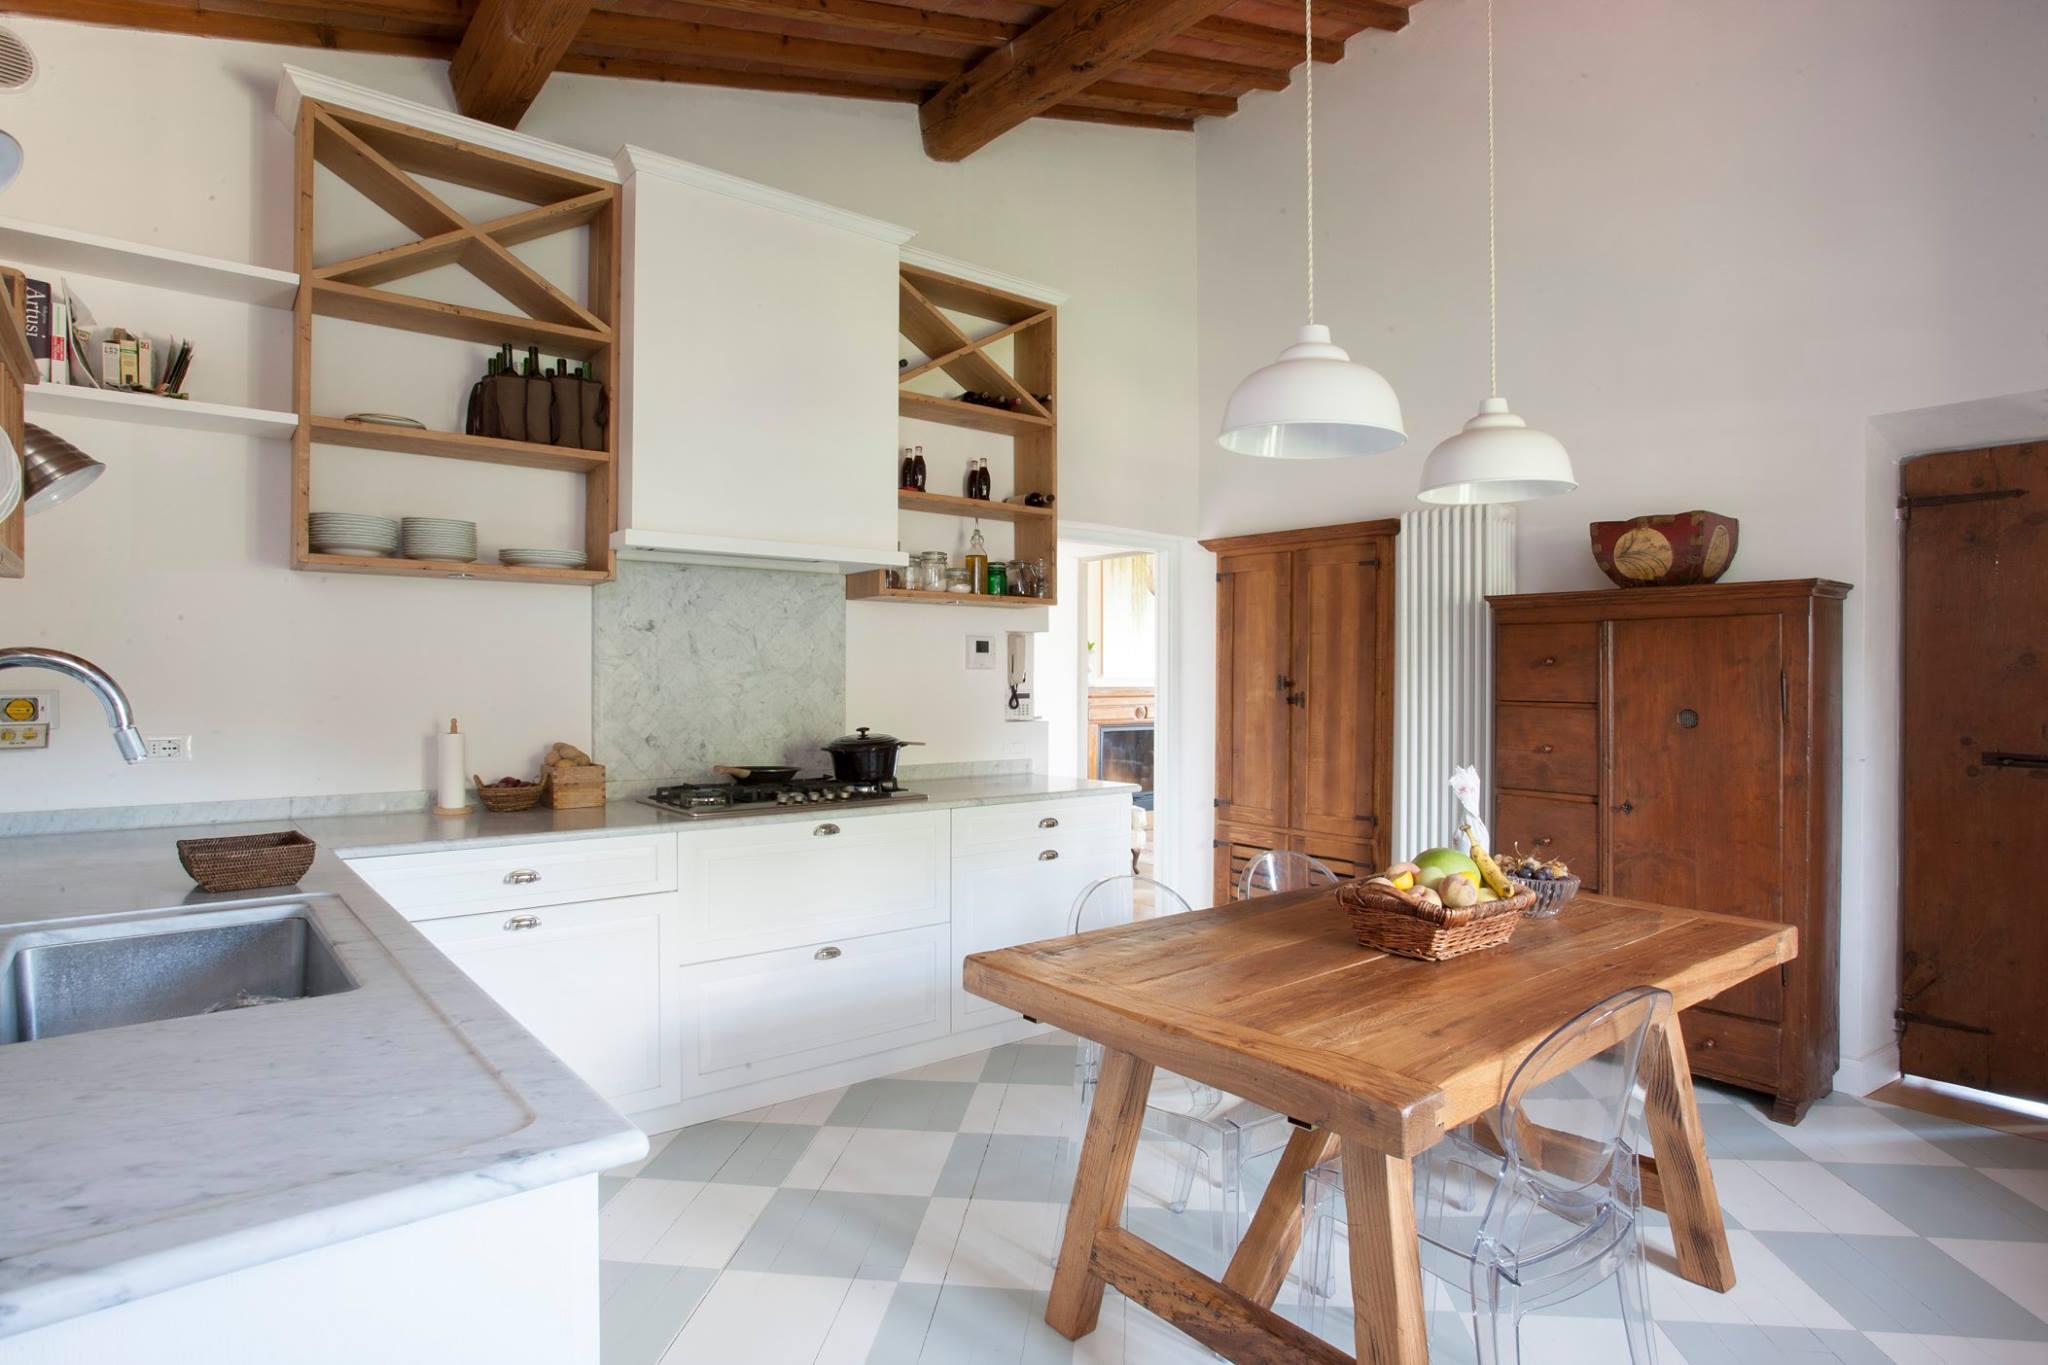 Cicina su misura cucina in legno legnoeoltre for Arredamento rustico ikea